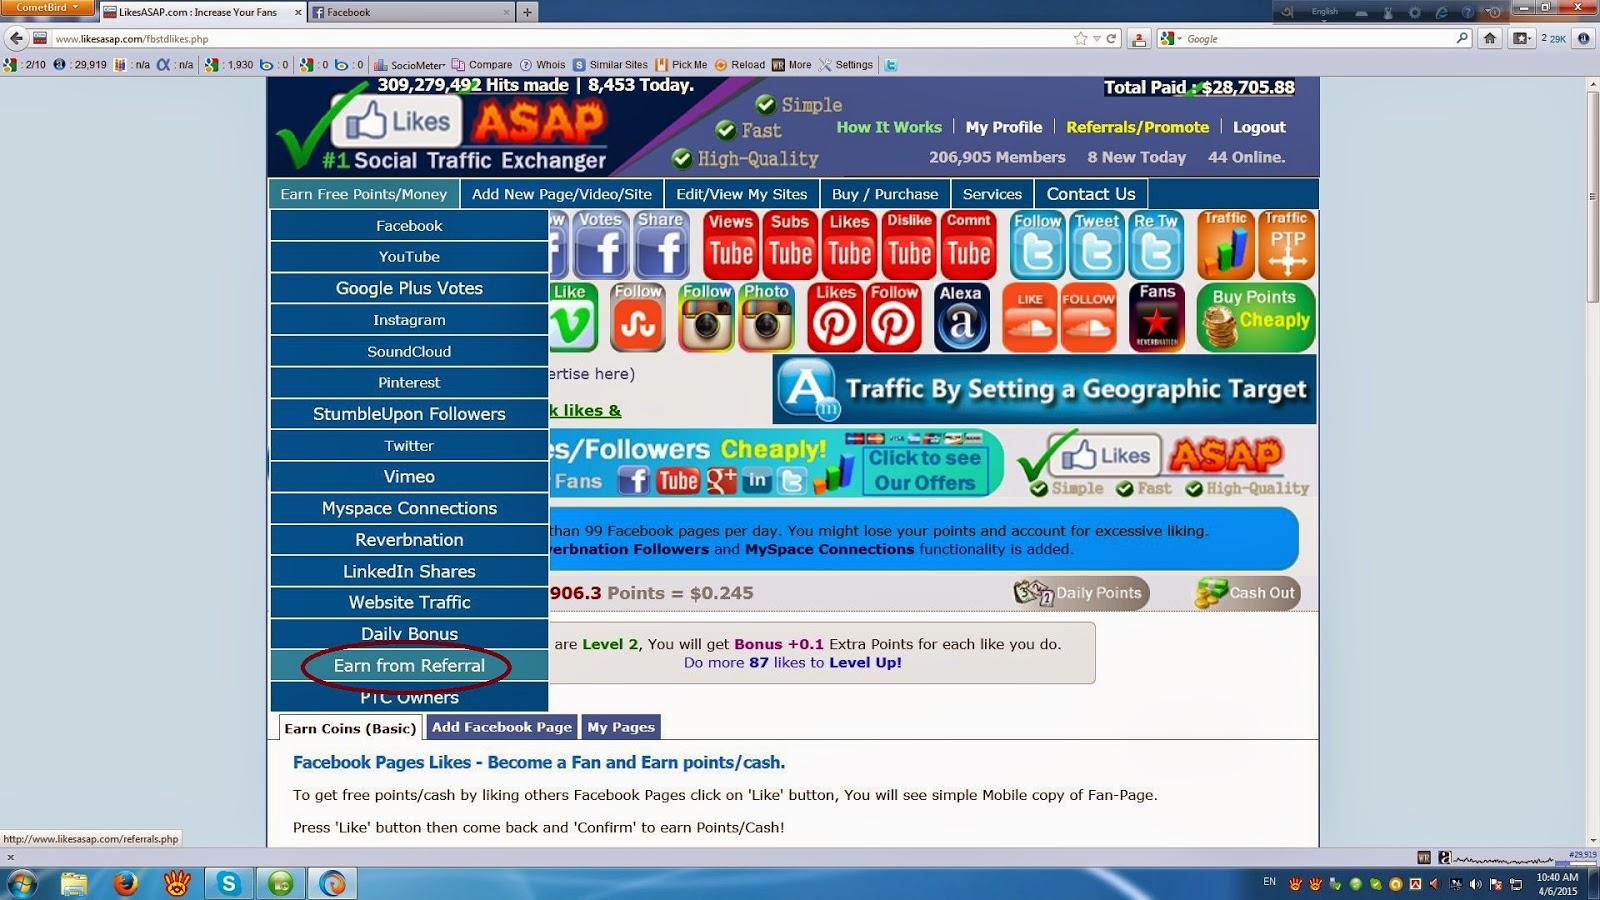 feferral link image